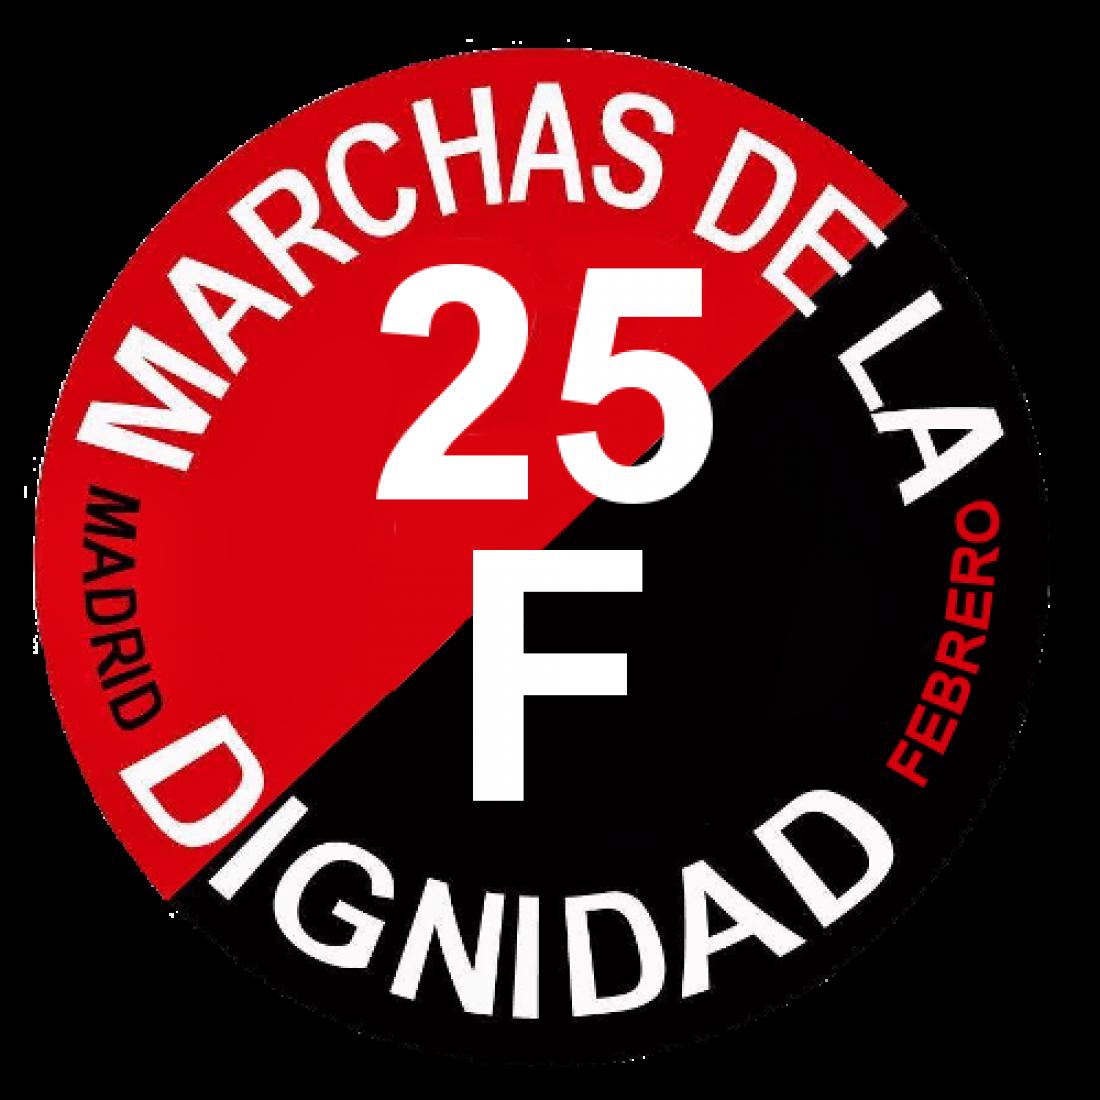 La CGT llama a tomar las calles el 25F en defensa de las Pensiones y de los Servicios Públicos